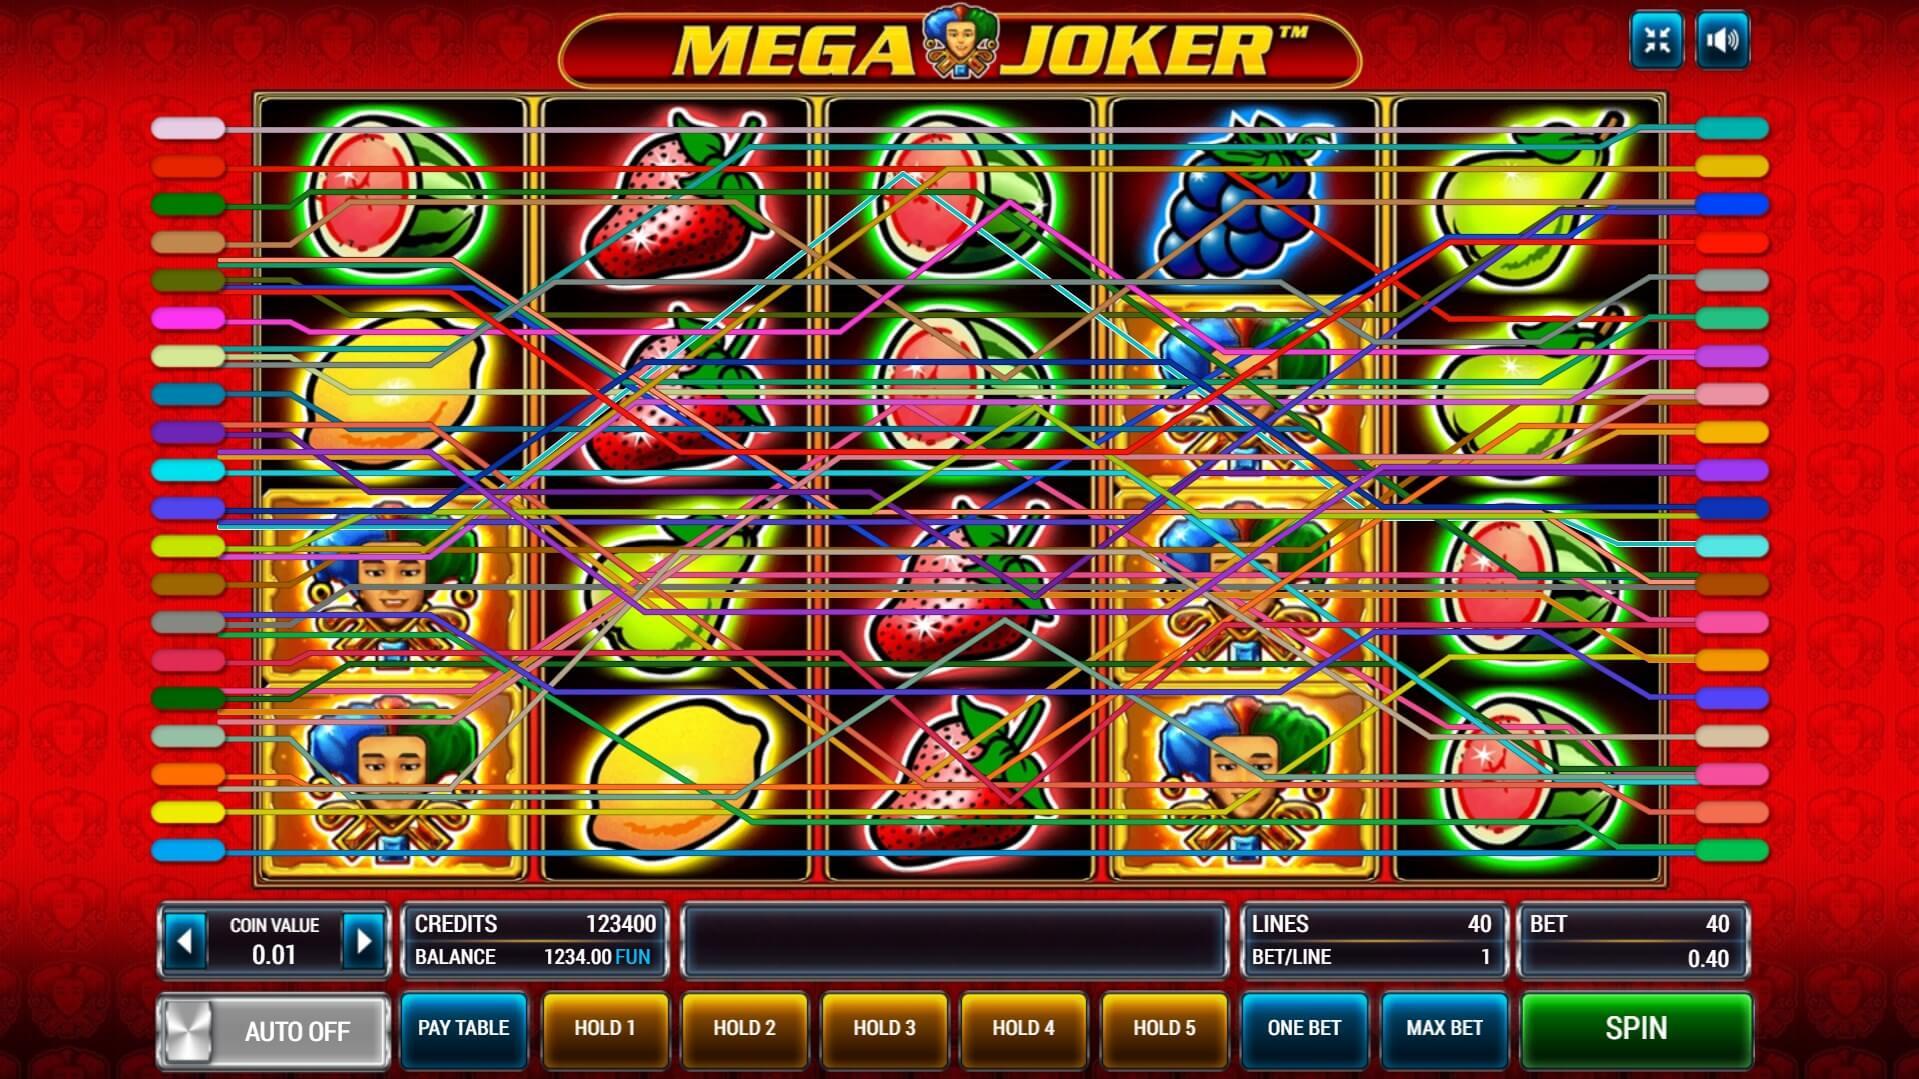 Изображение игрового автомата Mega Joker 2